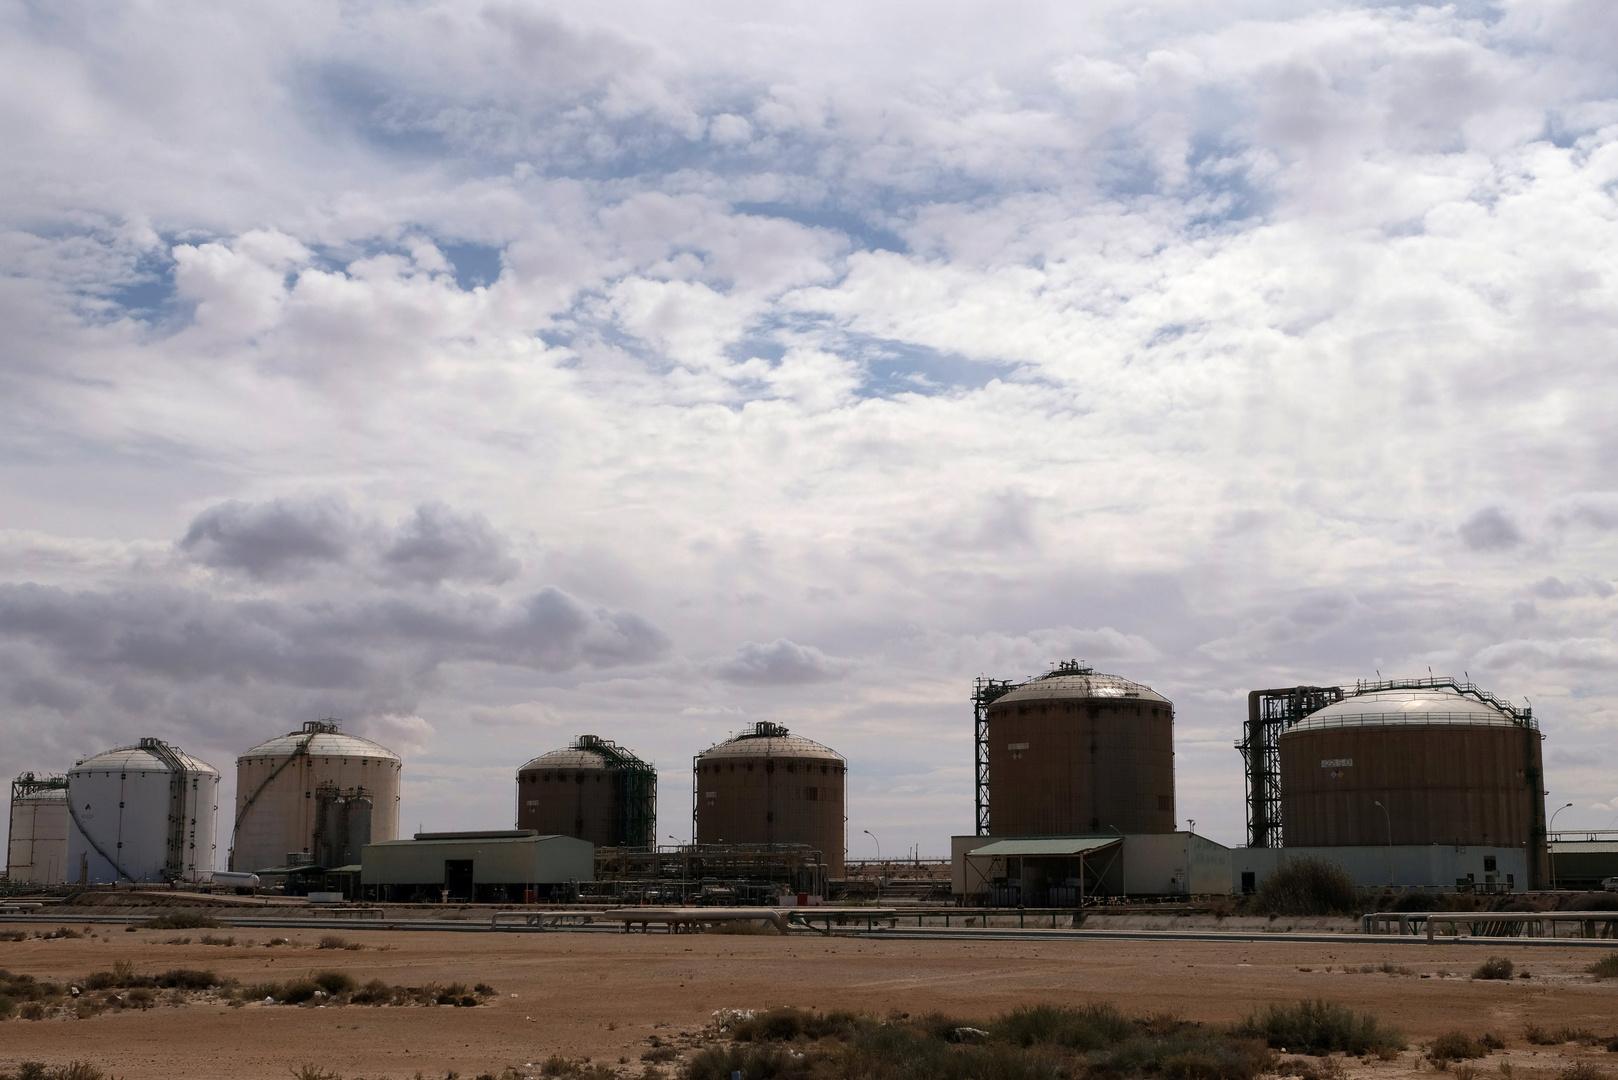 حقل راس لانوف للنفط والغاز في ليبيا